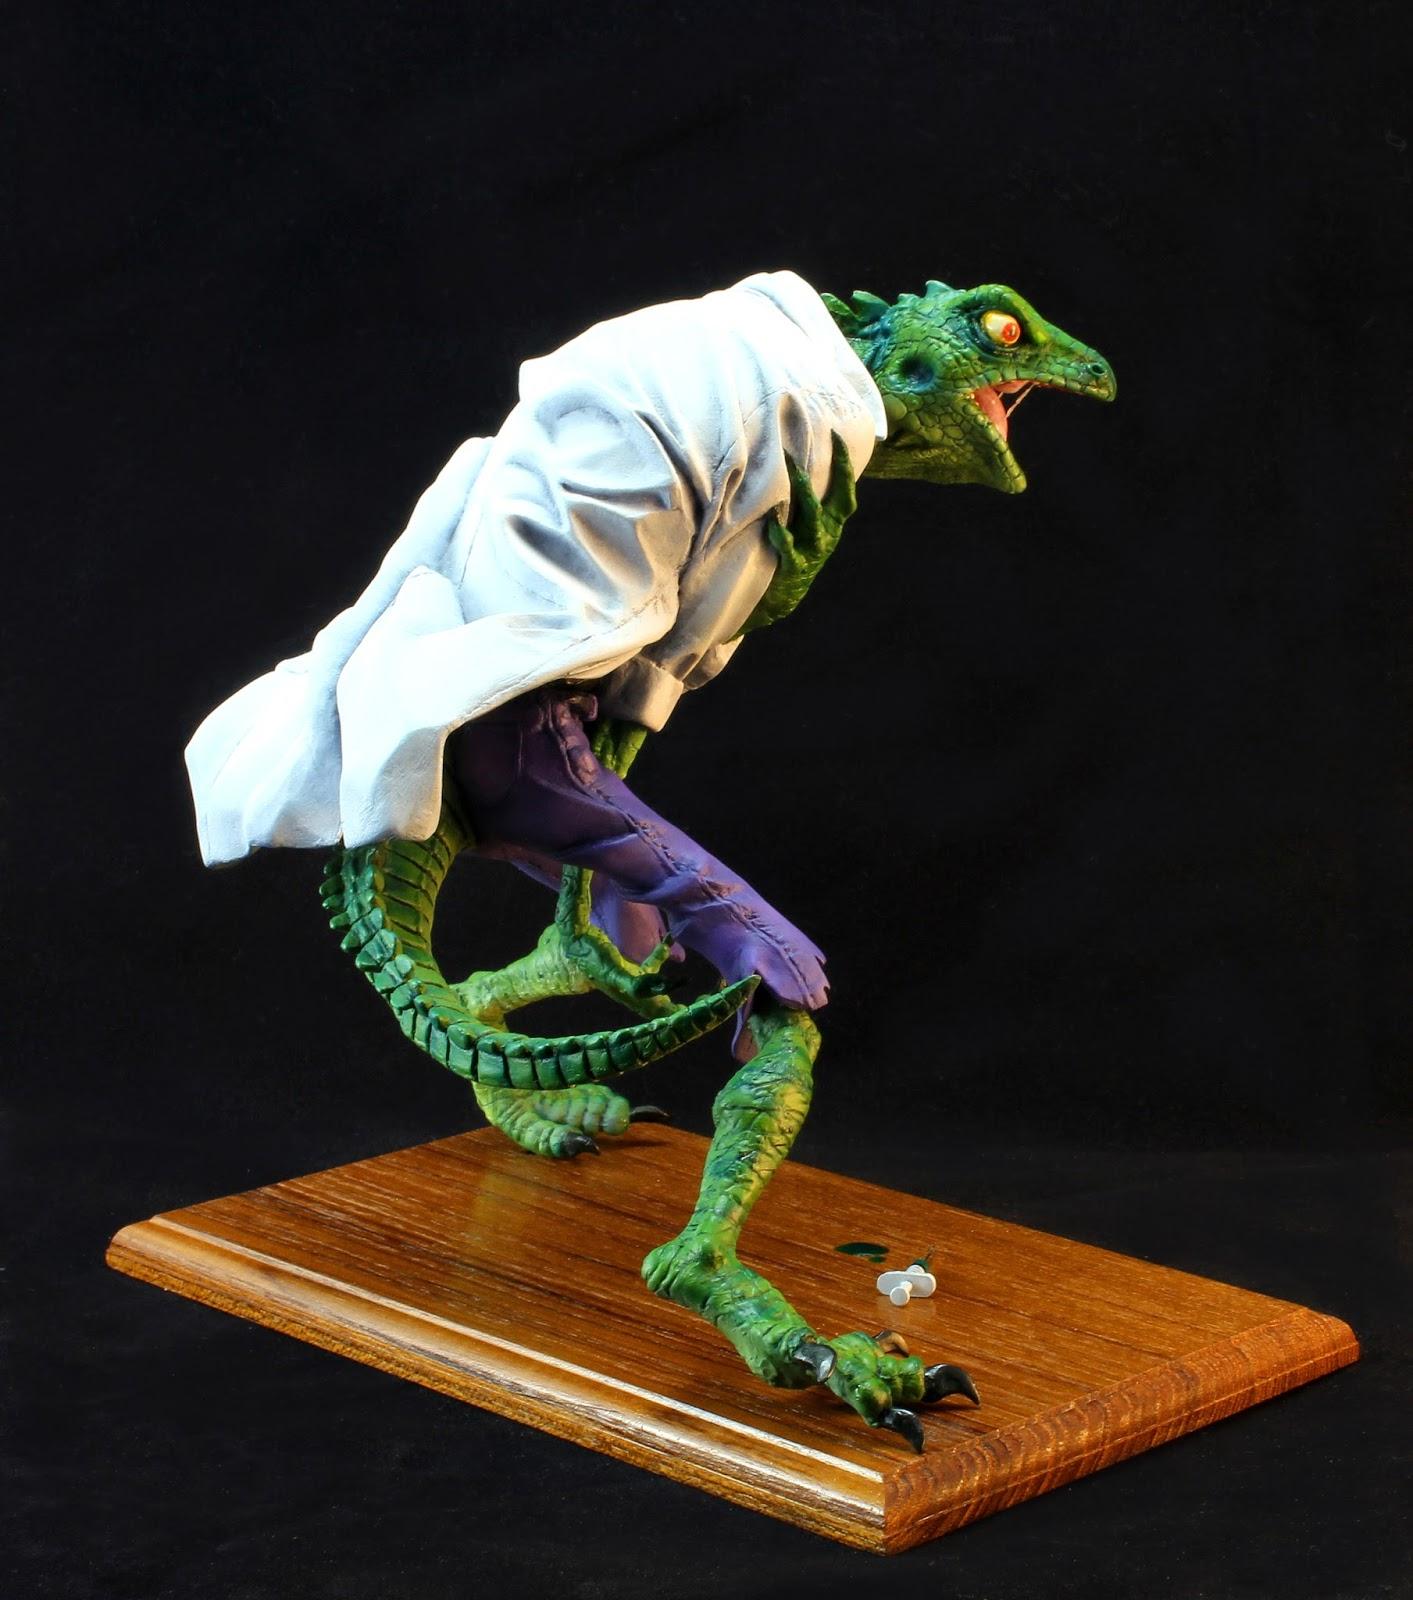 Les travaux de Paul Lee ( Spotlight sculpture)  GimpIMG_2064